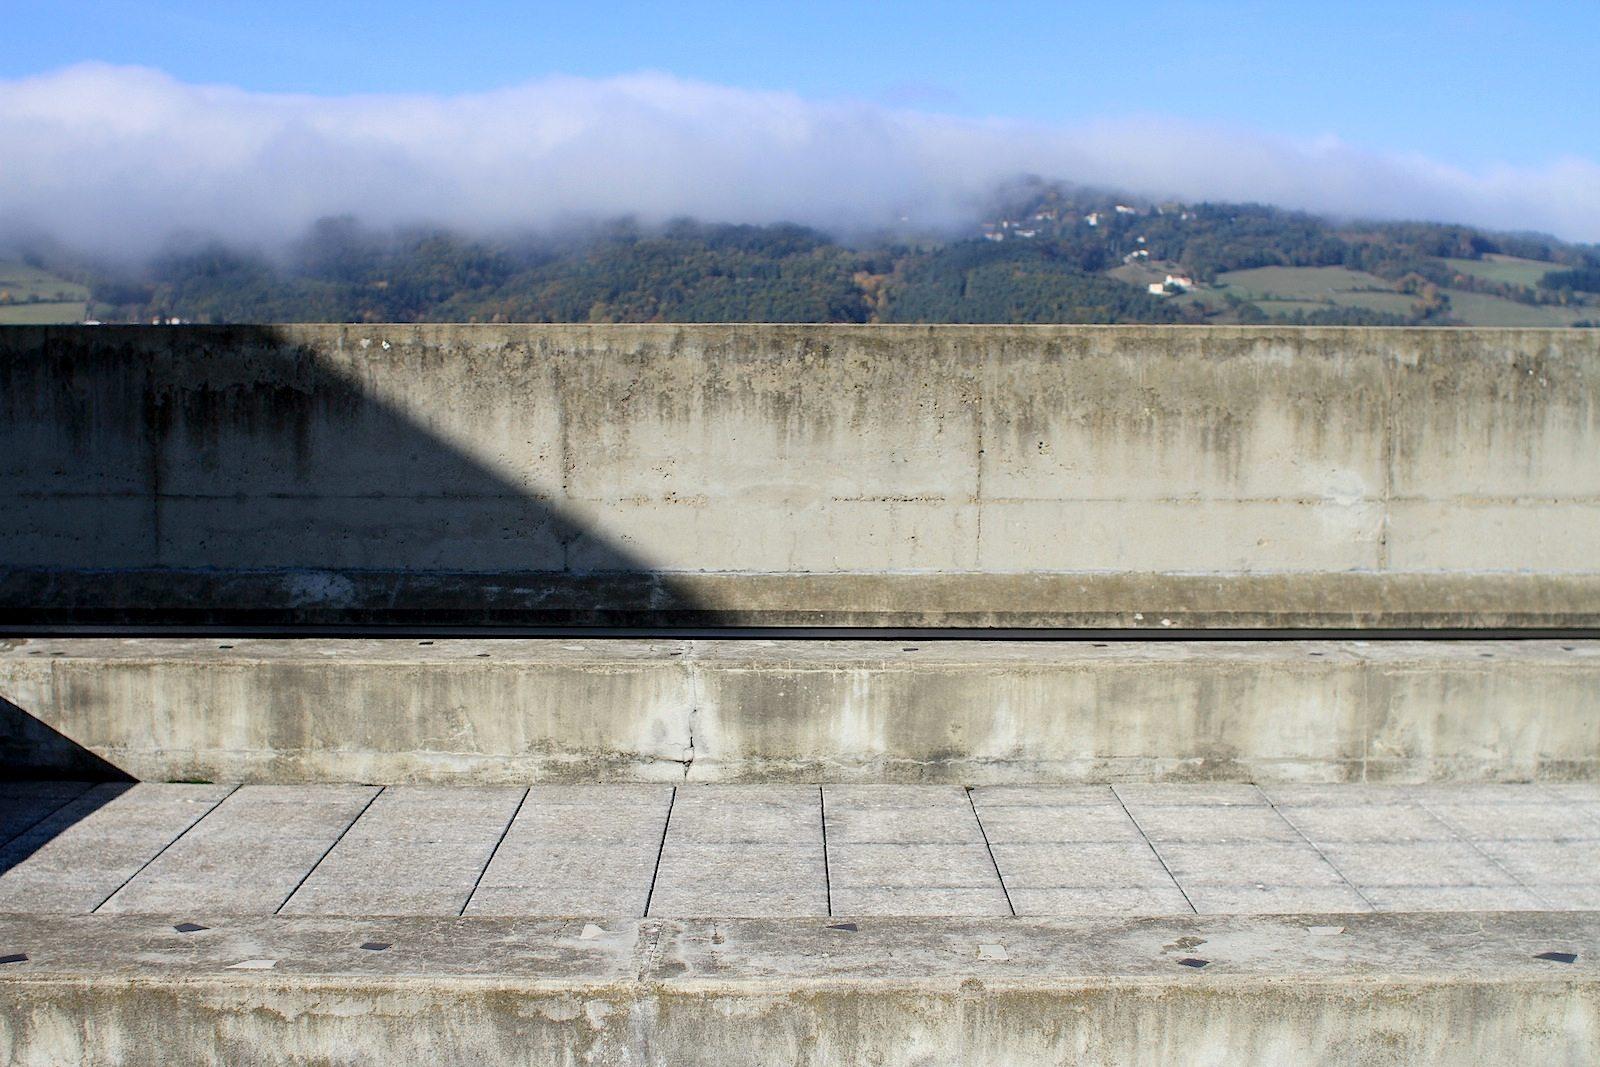 Elemente. Auf dem Dach der Unité d'Habitation: Beton, Le Corbusiers Lieblingsmaterial und die Natur von Firminy, einer Kleinstadt unweit der Loire-Quellen und in unmittelbarer Nähe der großen Industriestadt Saint-Etienne.